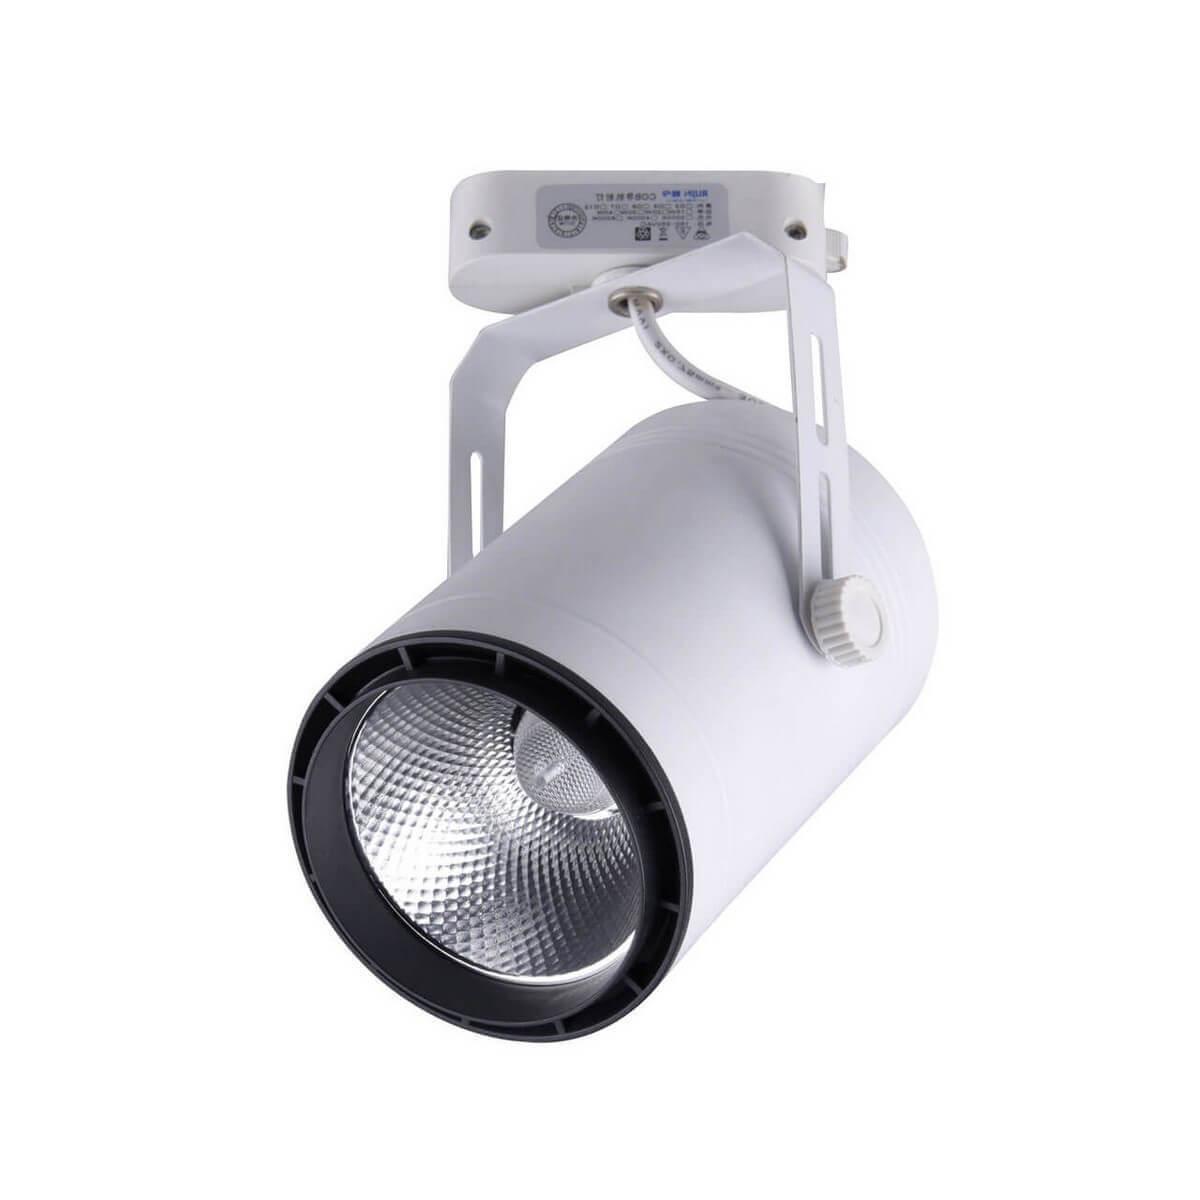 Трековый светодиодный светильник Kink Light Треки 6483-2,01 трековый светодиодный светильник kink light треки 6483 1 01